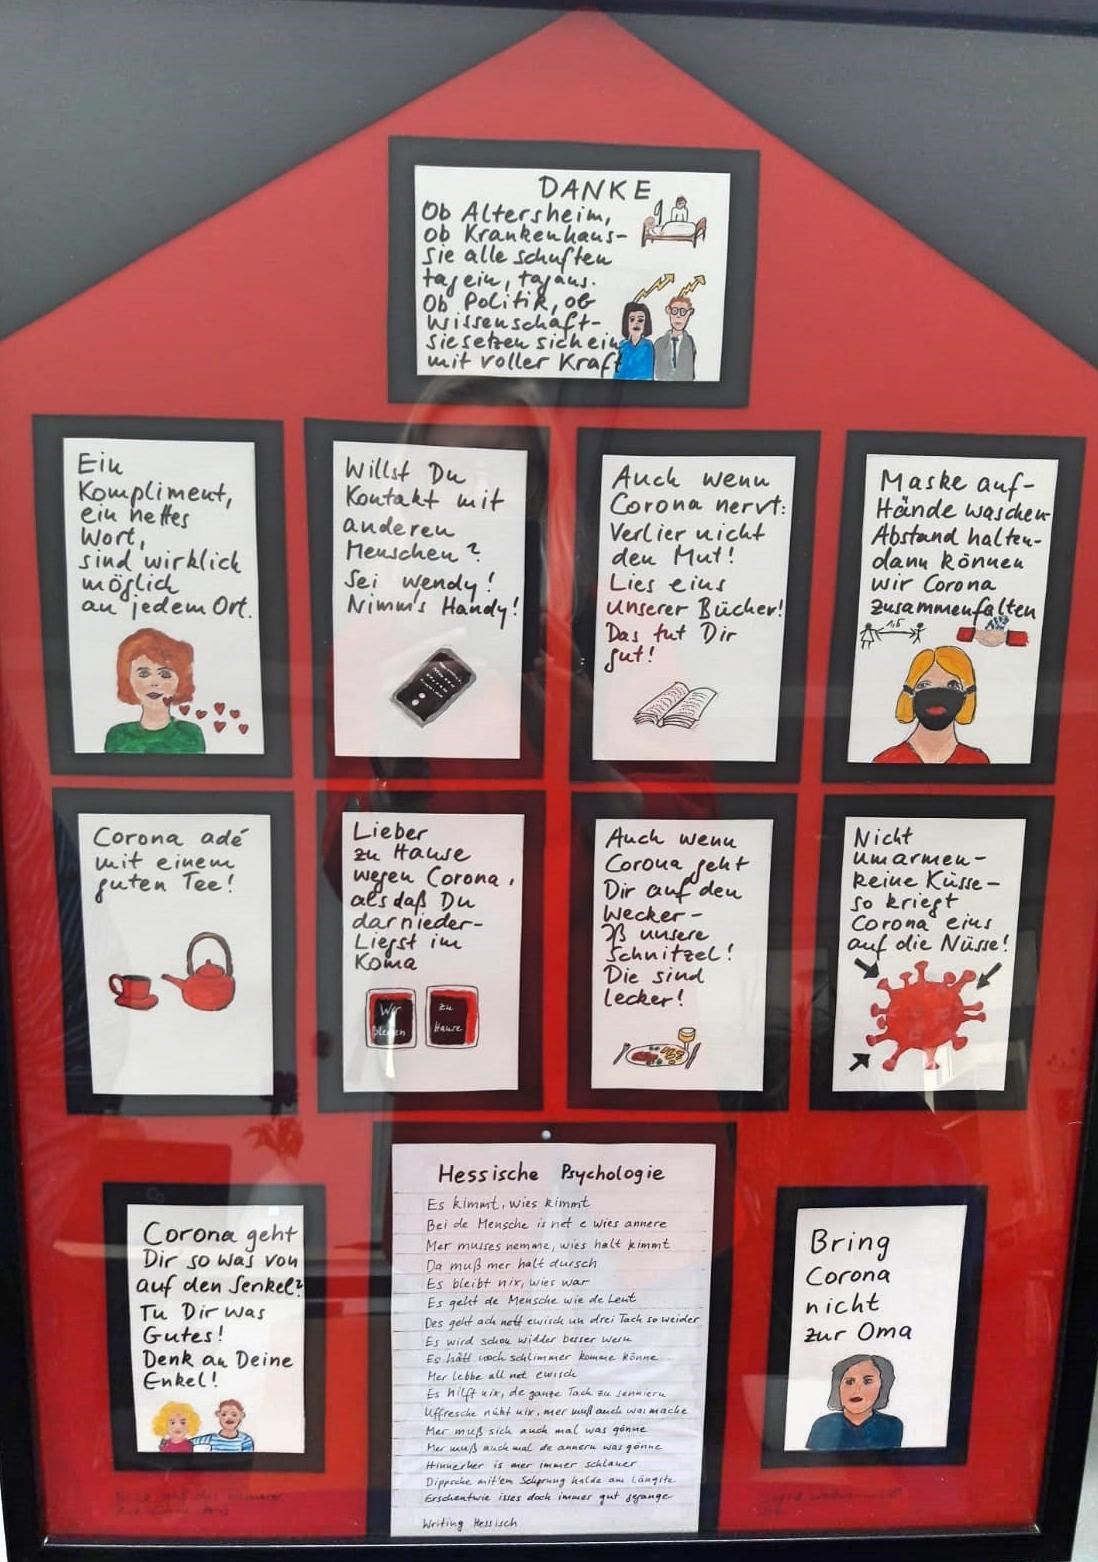 """12 kleinere Zettel mit schwarzen Rahmen sind auf einem großen roten Plakat, welches in Hausform geschnitten ist, angeordnet. Auf den Zetteln stehen Sätze mit kleinen Bildern darunter, z.B. """"Auch wenn Corona nervt, verlier nicht den Mut. Lies eins unser Bücher, das tut dir gut"""" mit einer Zeichnung eines Buches. Ganz unten ist eine """"Hessische Psychologie"""" aufgeschrieben"""